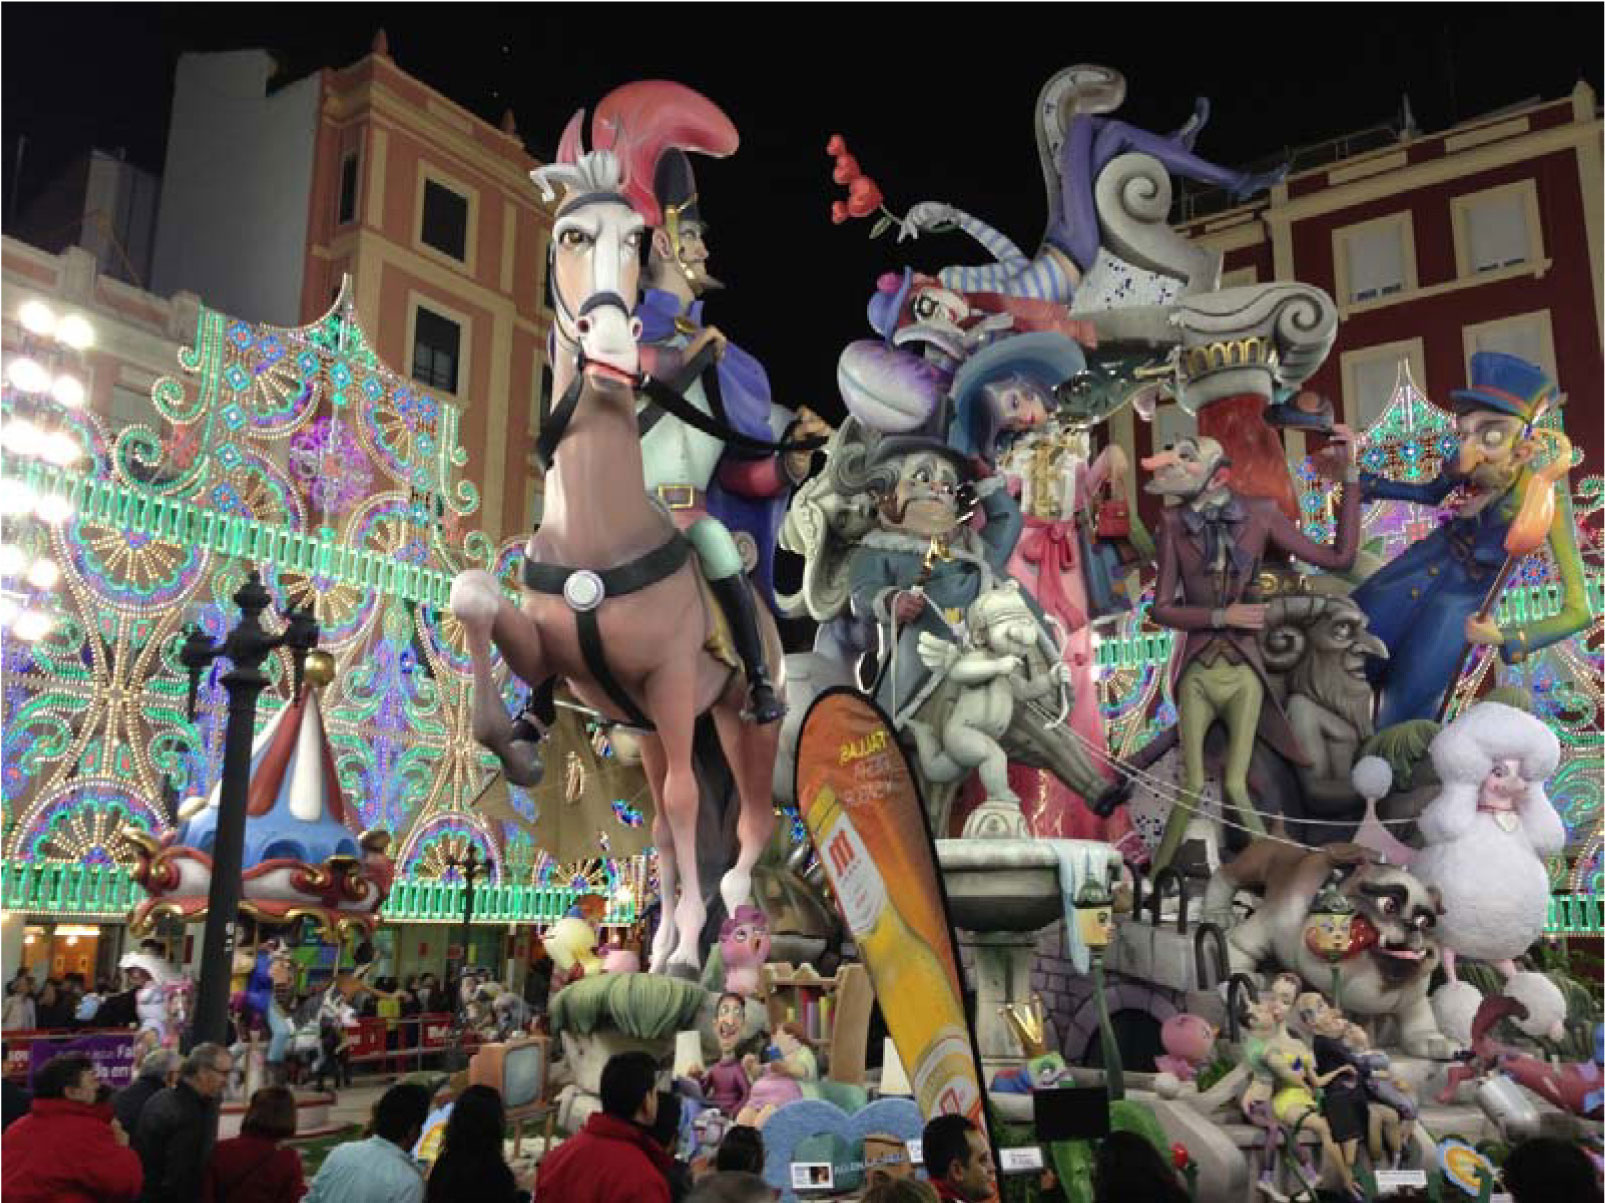 Die Fallas, die kunstvollen Pappmaché-Figuren, die dem Fest seinen Namen geben